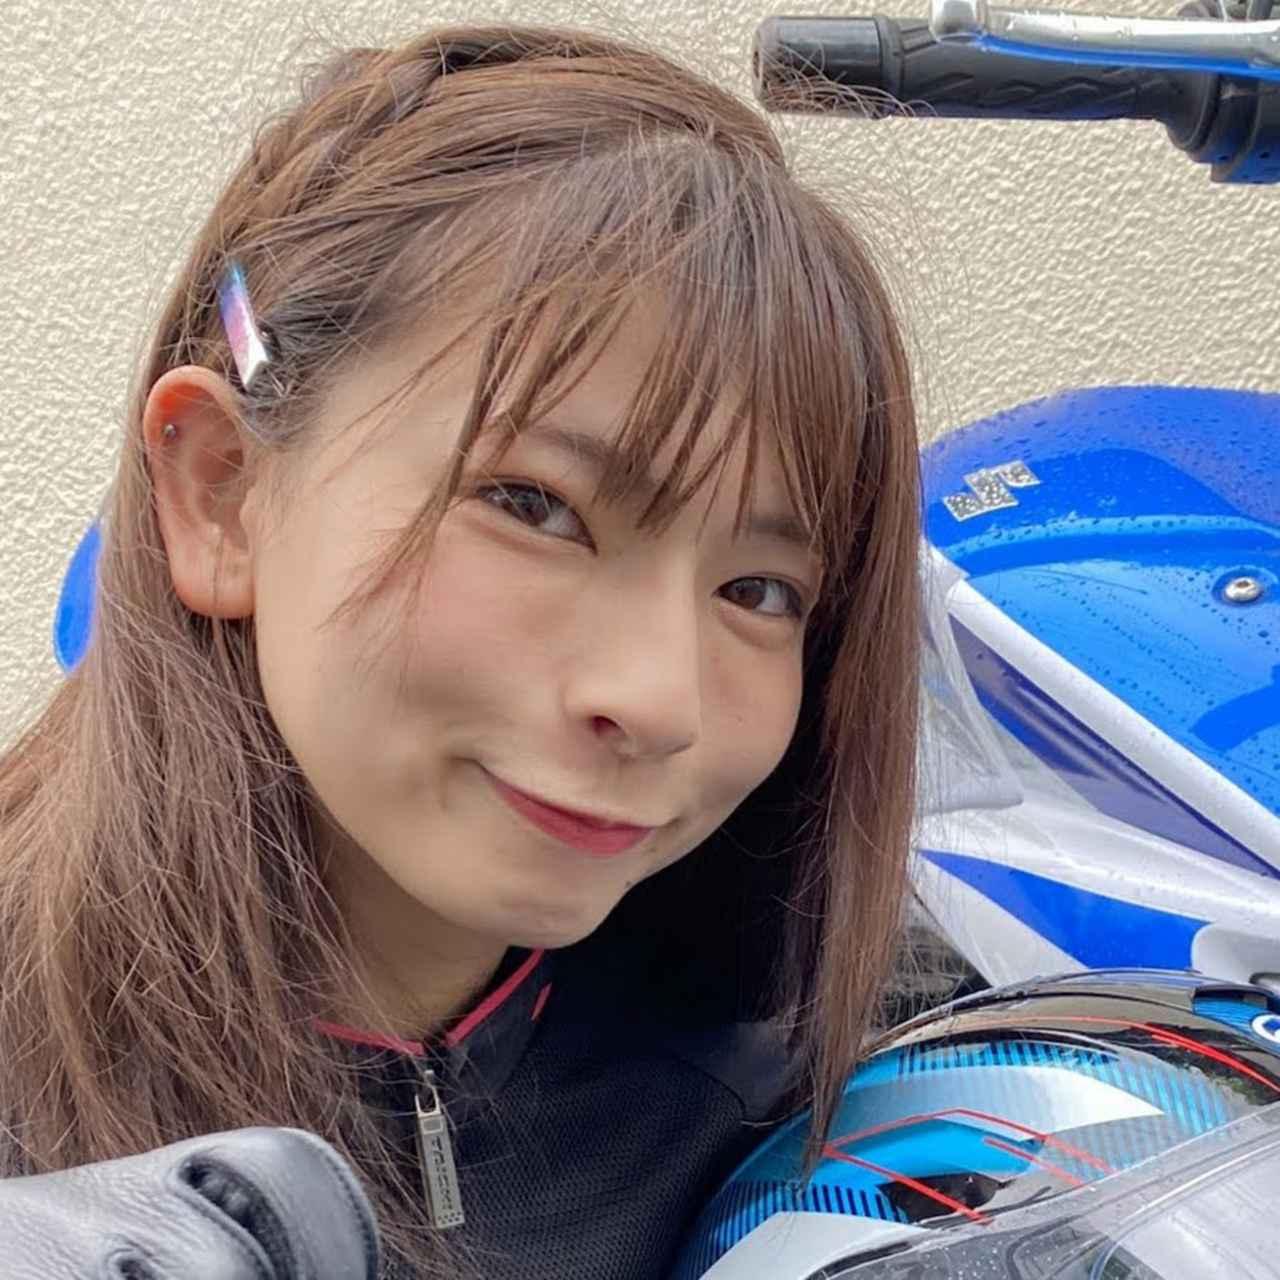 画像: YouTubeチャンネル 葉月美優のバイク日記